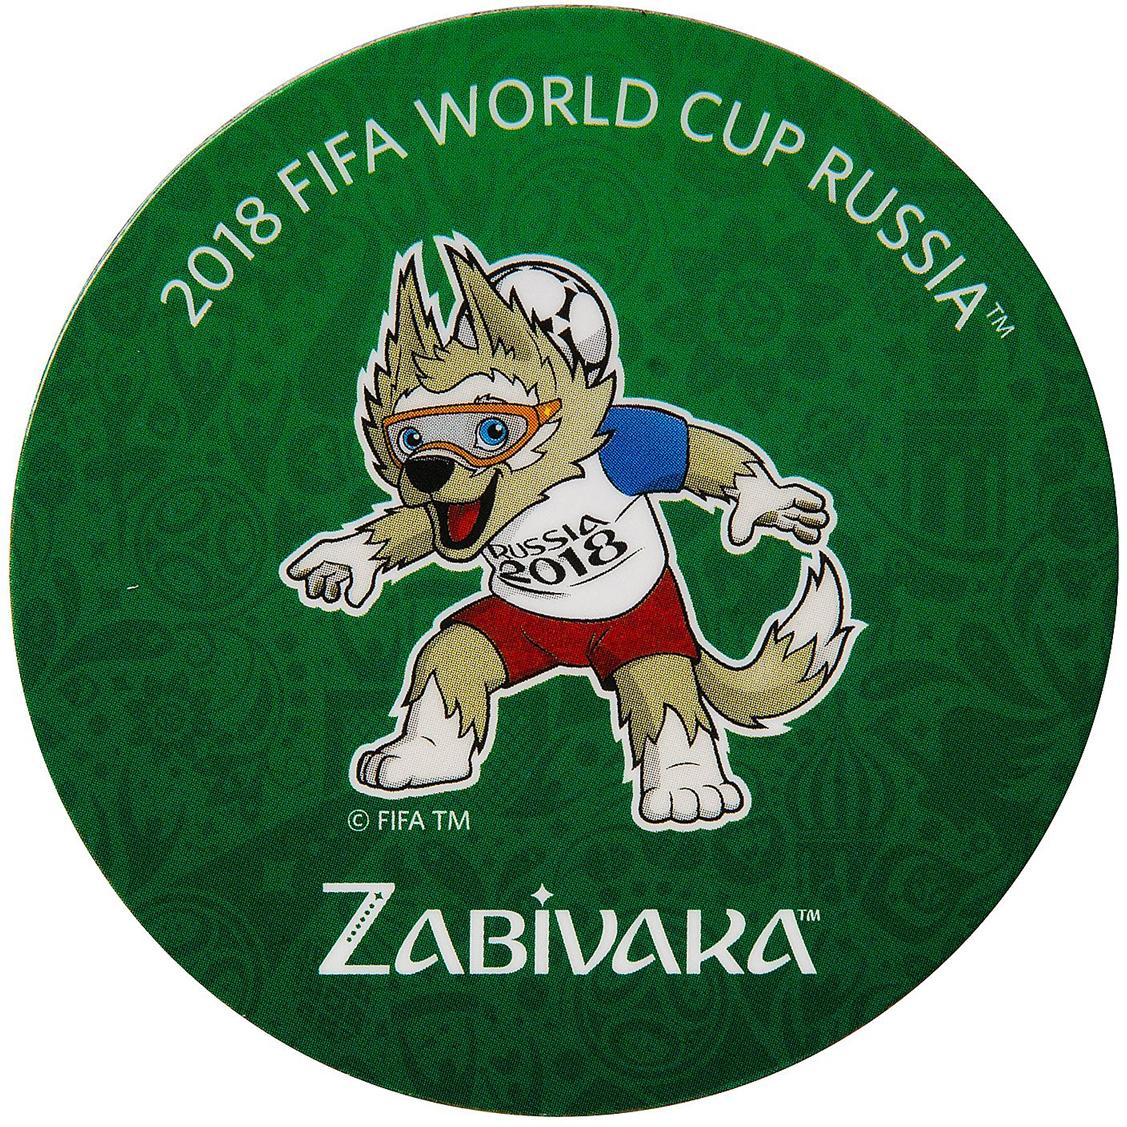 Волк Забивака – талисман чемпионата мира по футболу 2018. Он самый молодой игрок в команде, но при этом самый быстрый, решительный и техничный. Талант Волка практически всегда приносит его команде победу.